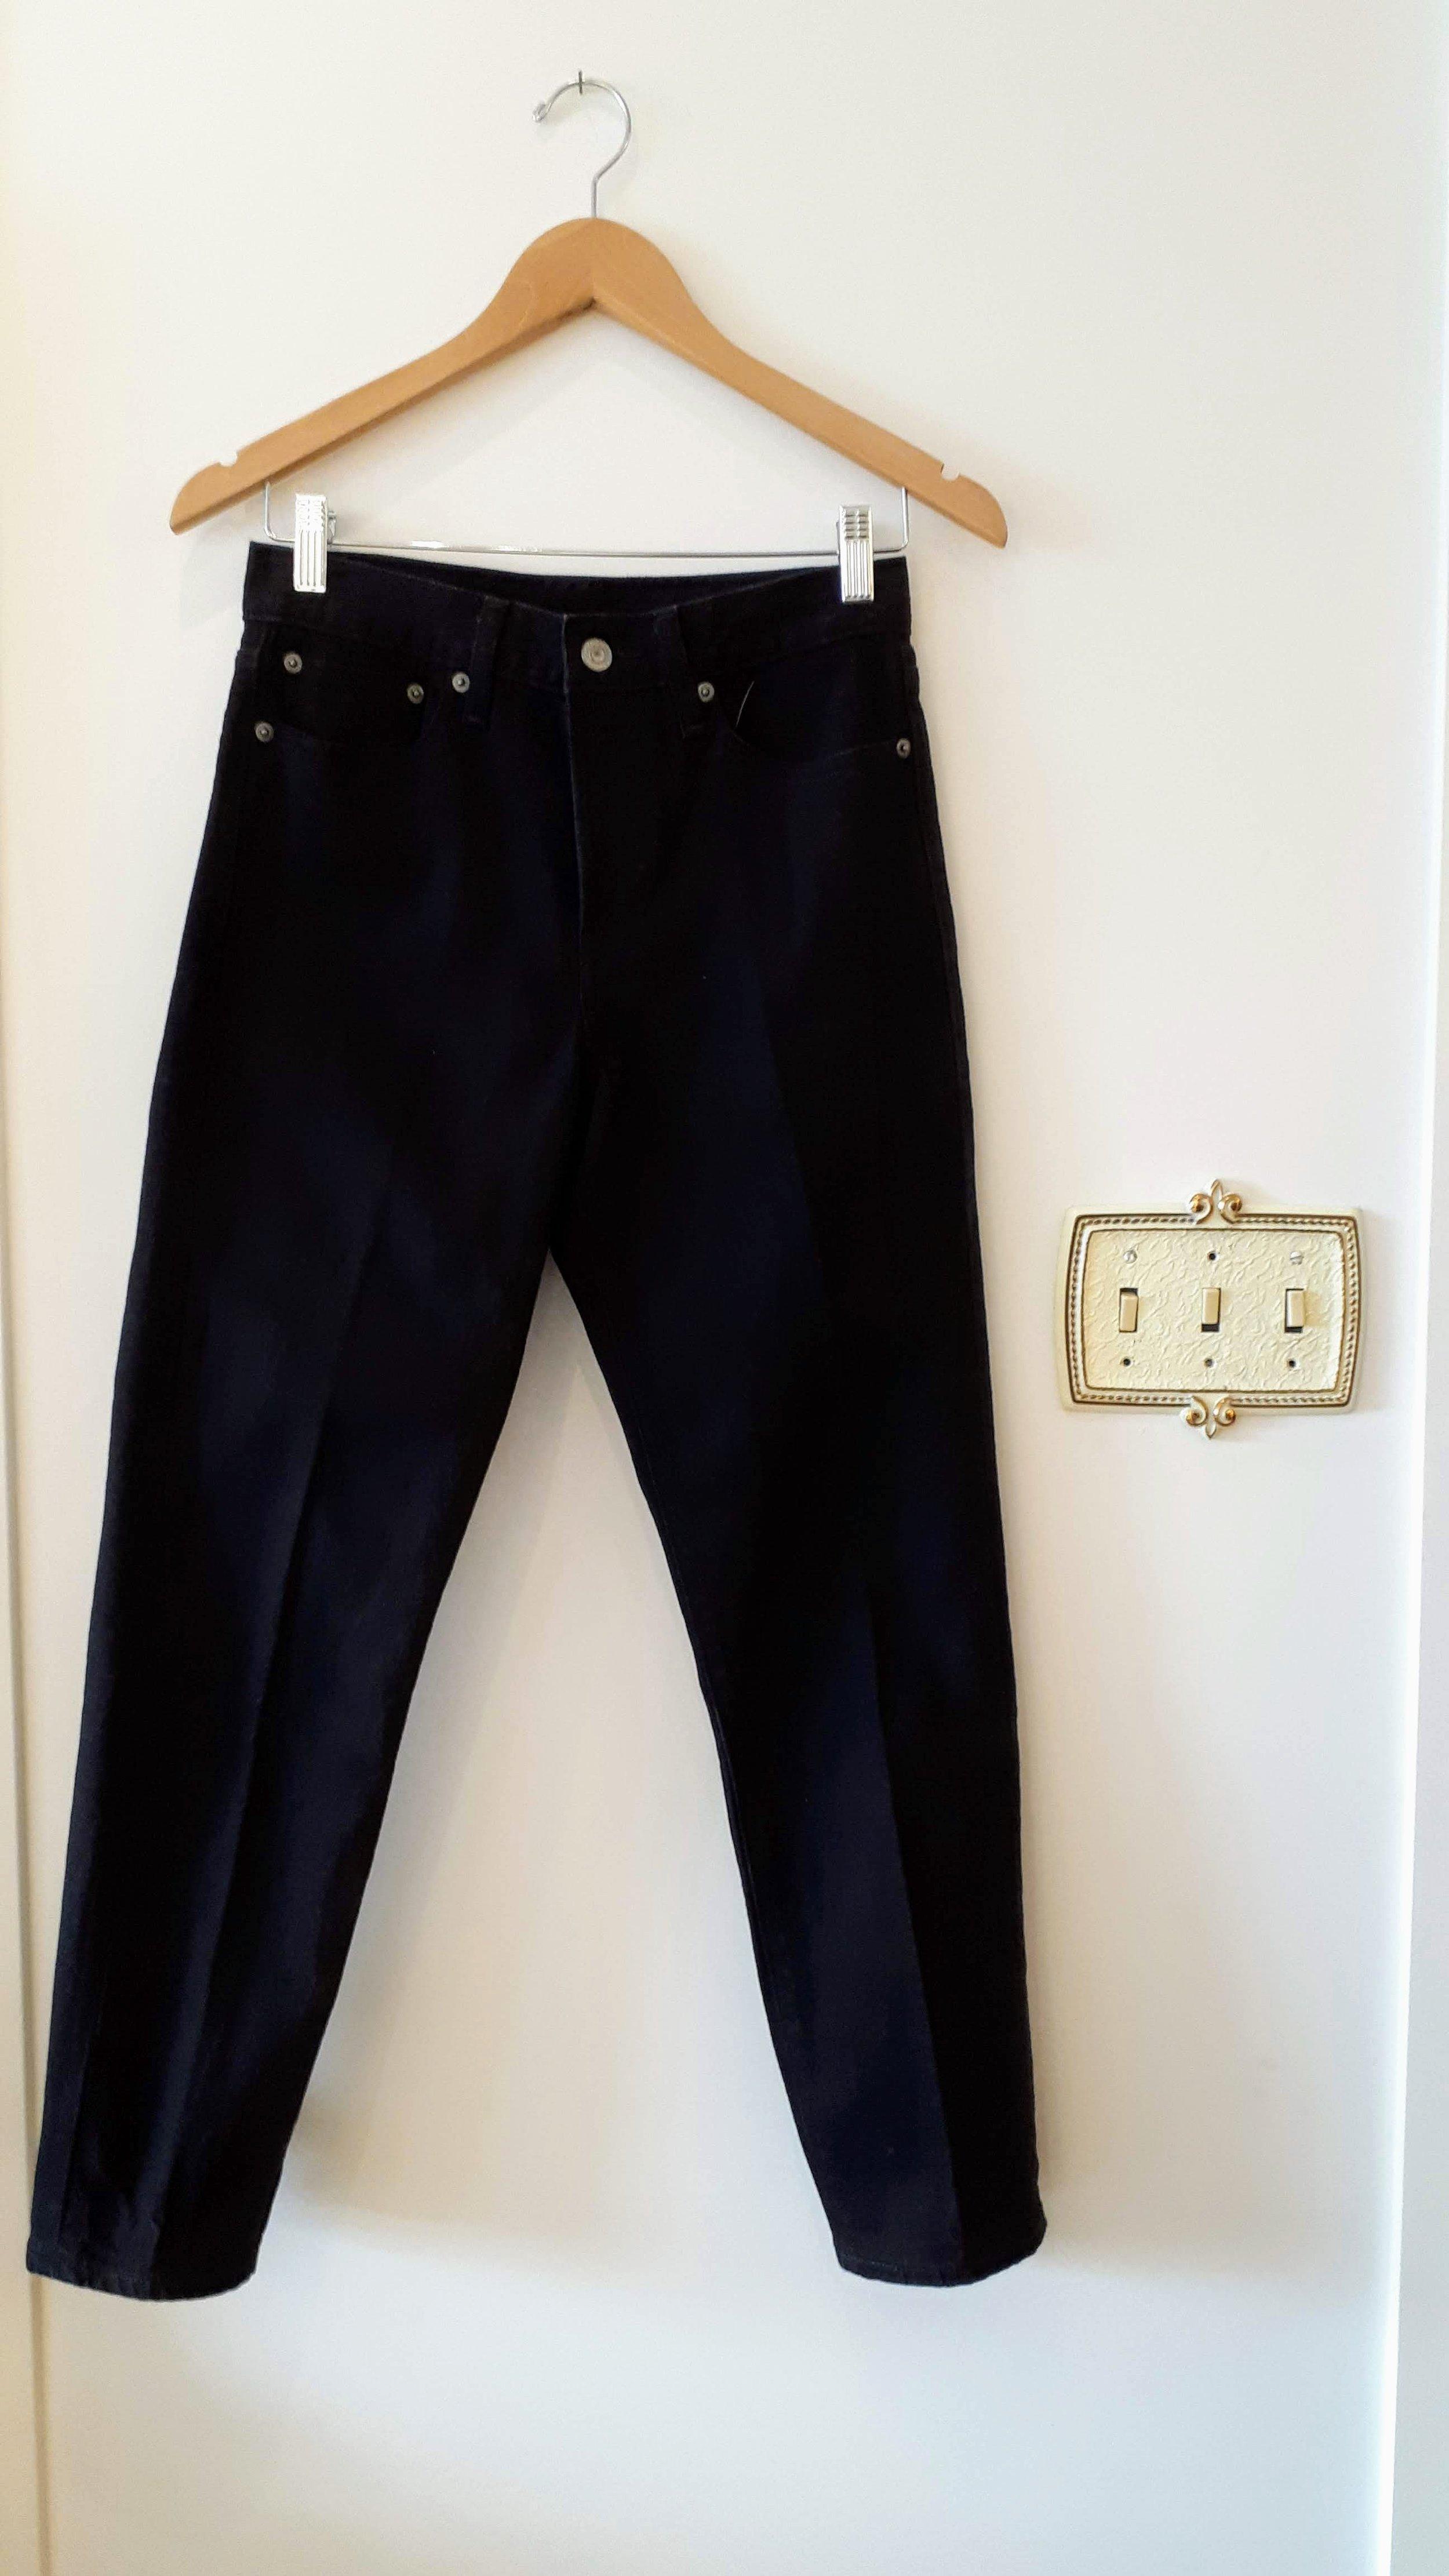 Levis pants; Size 27, $36